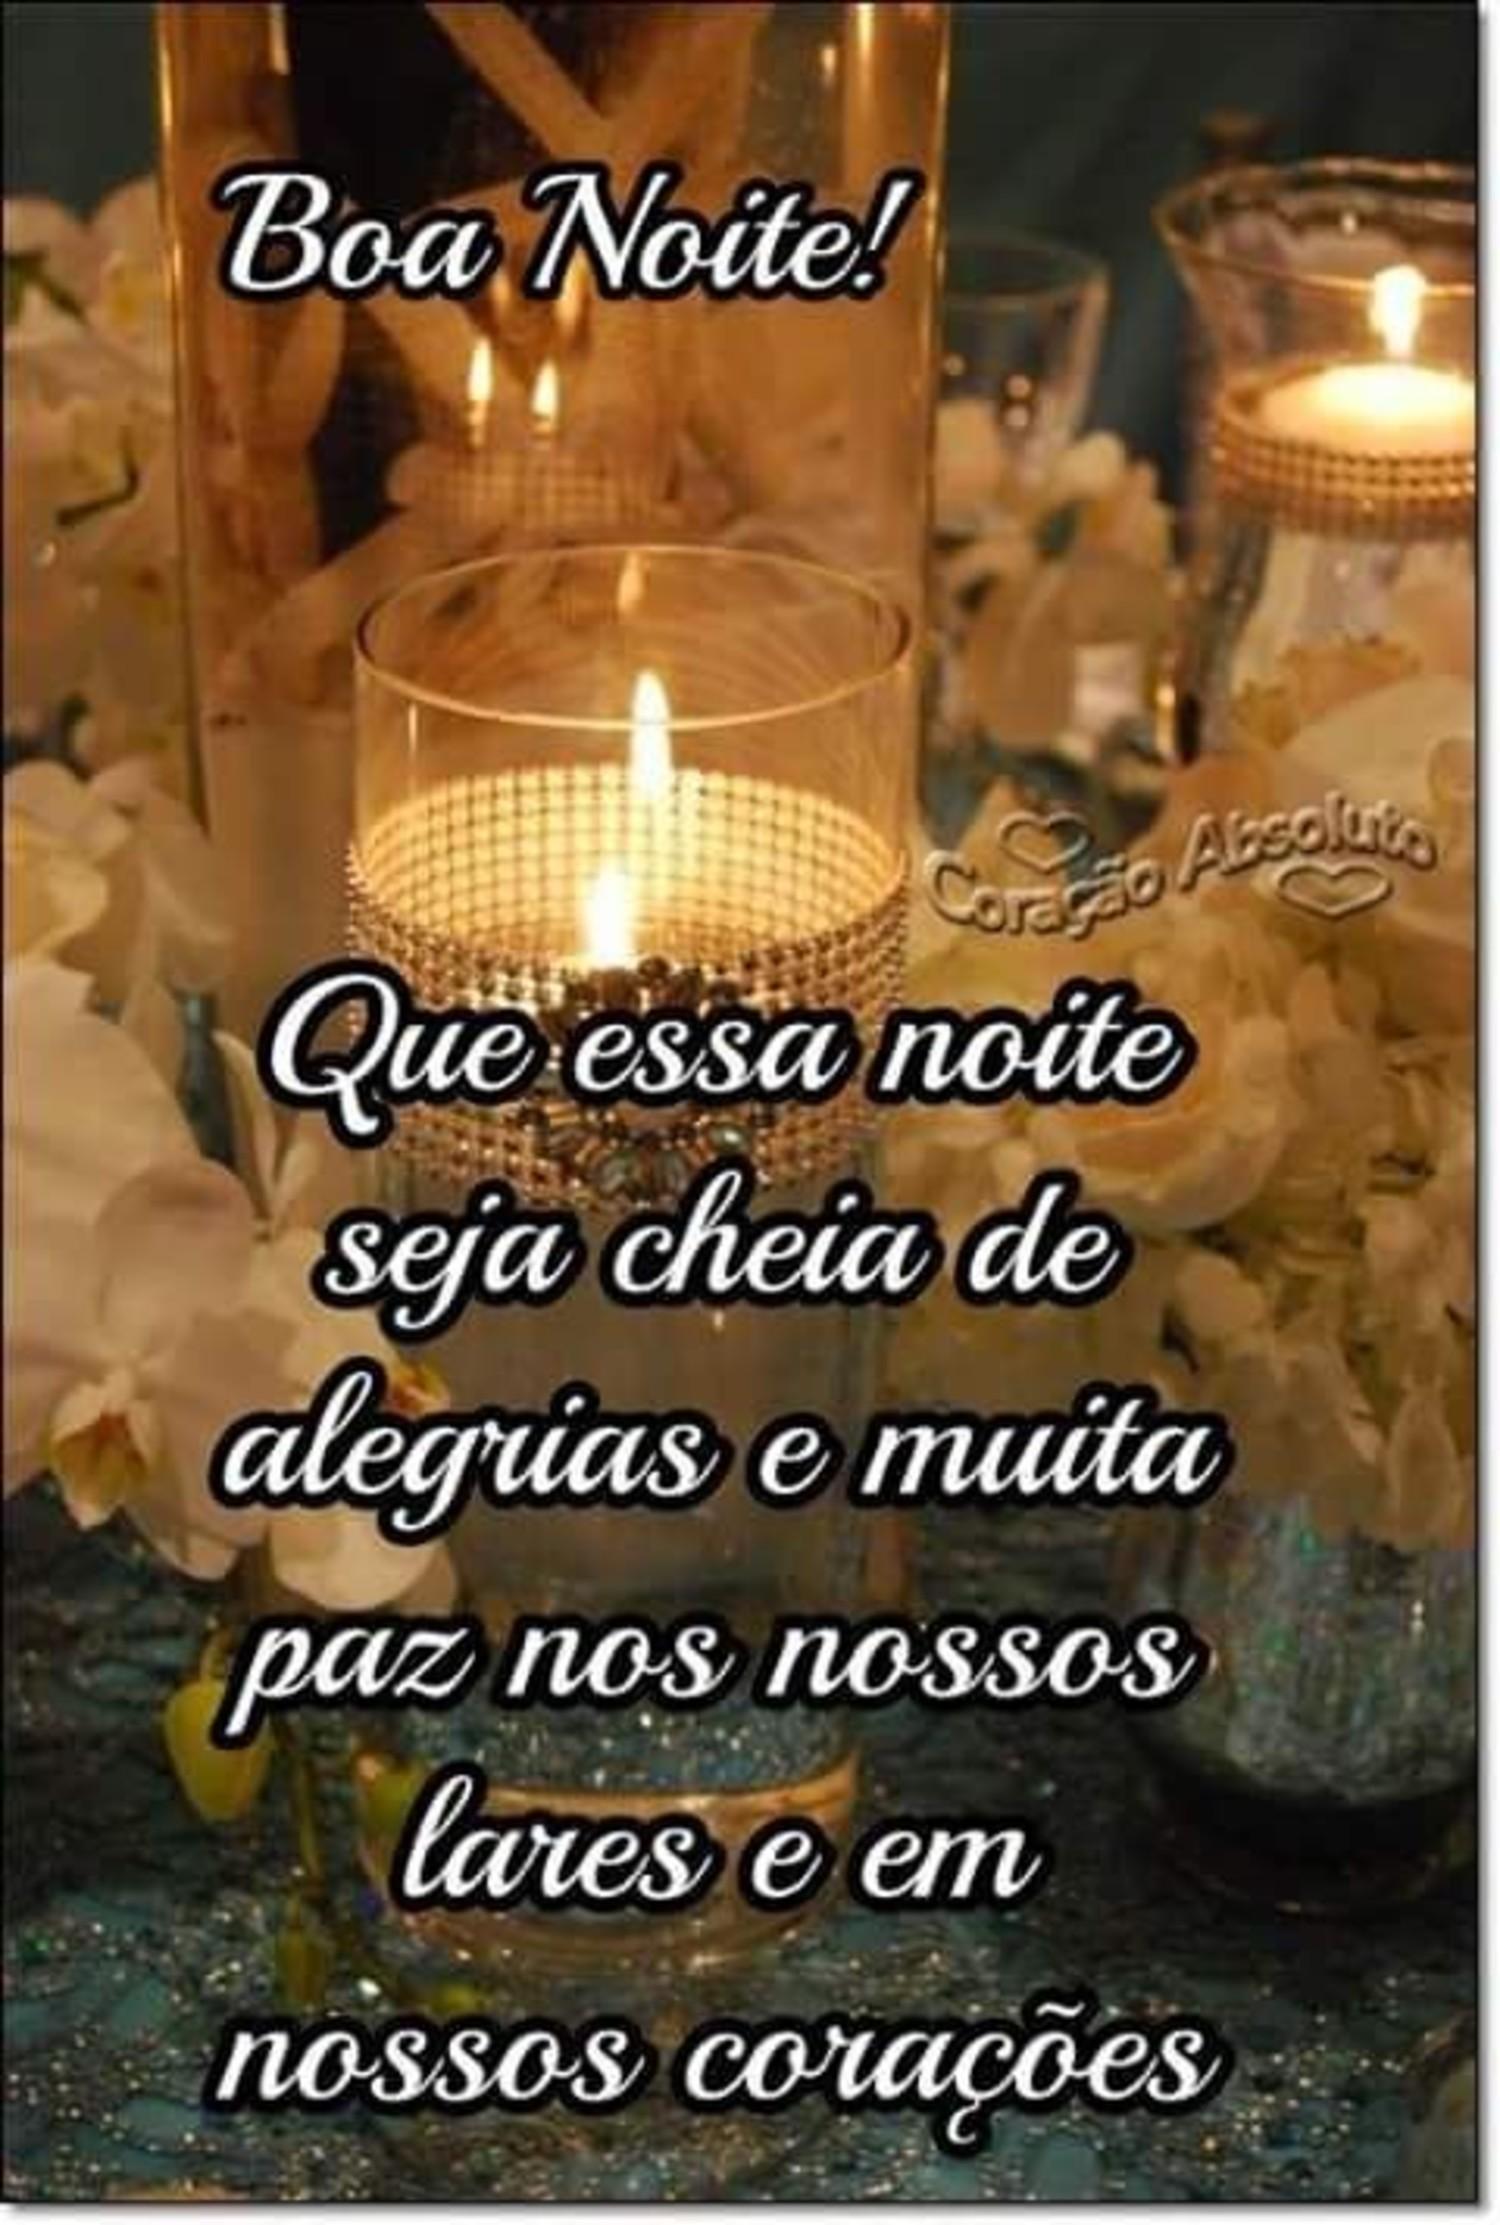 Mensagens Boa Noite especial 955